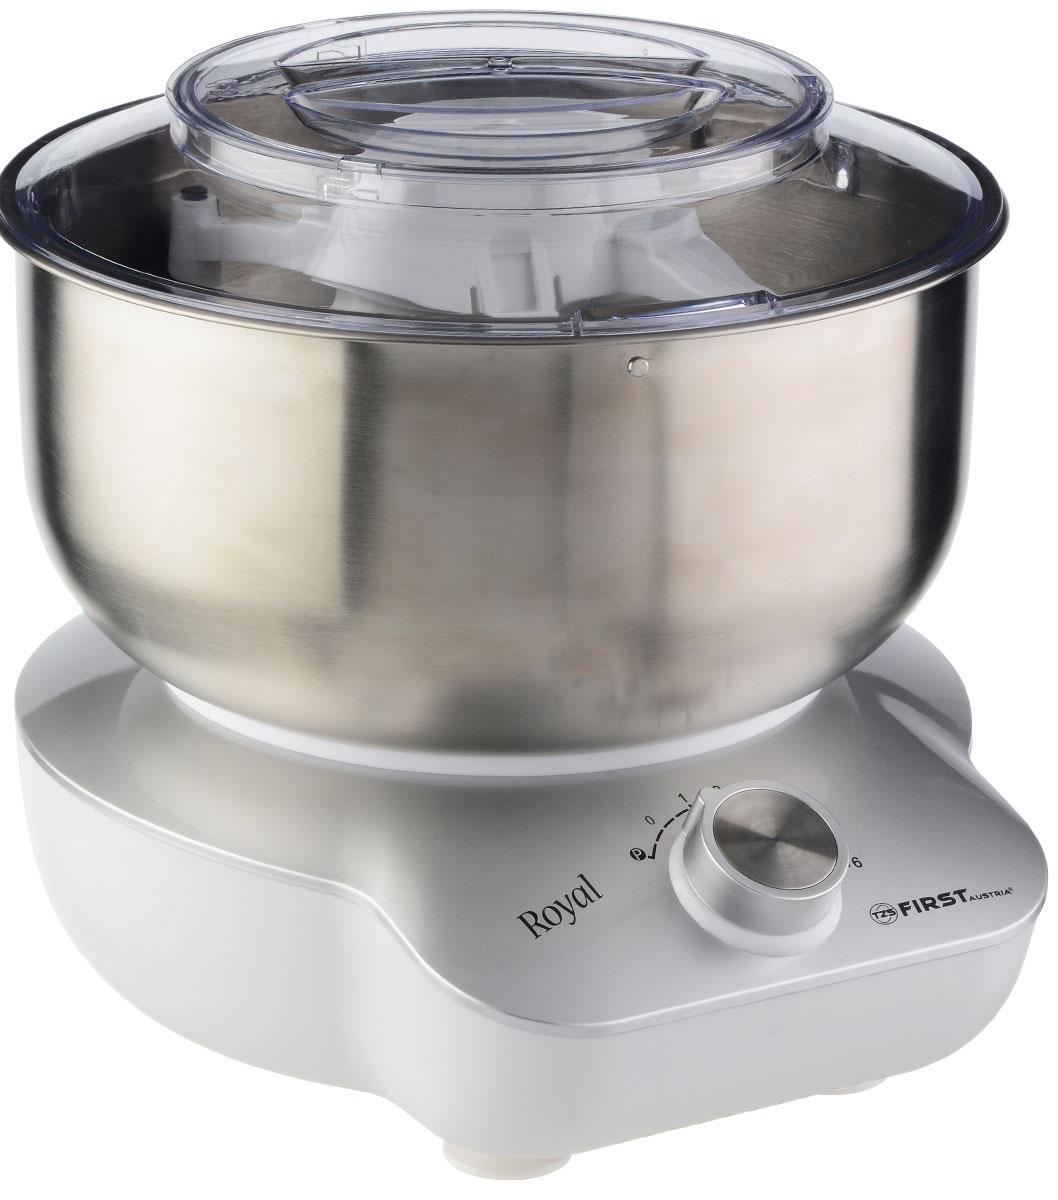 First FA-5259-2, Silver миксер-тестомесFA-5259-2-SIМиксер-тестомес First 5259-2 станет прекрасным помощником для любой хозяйки. С ним вы сможете готовить невероятно вкусные и аппетитные блюда, при этом сократив время их приготовления. Основным назначением прибора является изготовление различных видов теста и кремов. Тестомес качественно и быстро перемешивает различные ингредиенты, что дает возможность избежать комочков. First 5259-2 снабжен 5 л чашей из нержавеющей стали. 6 скоростей замешивания обеспечат наилучший результат.